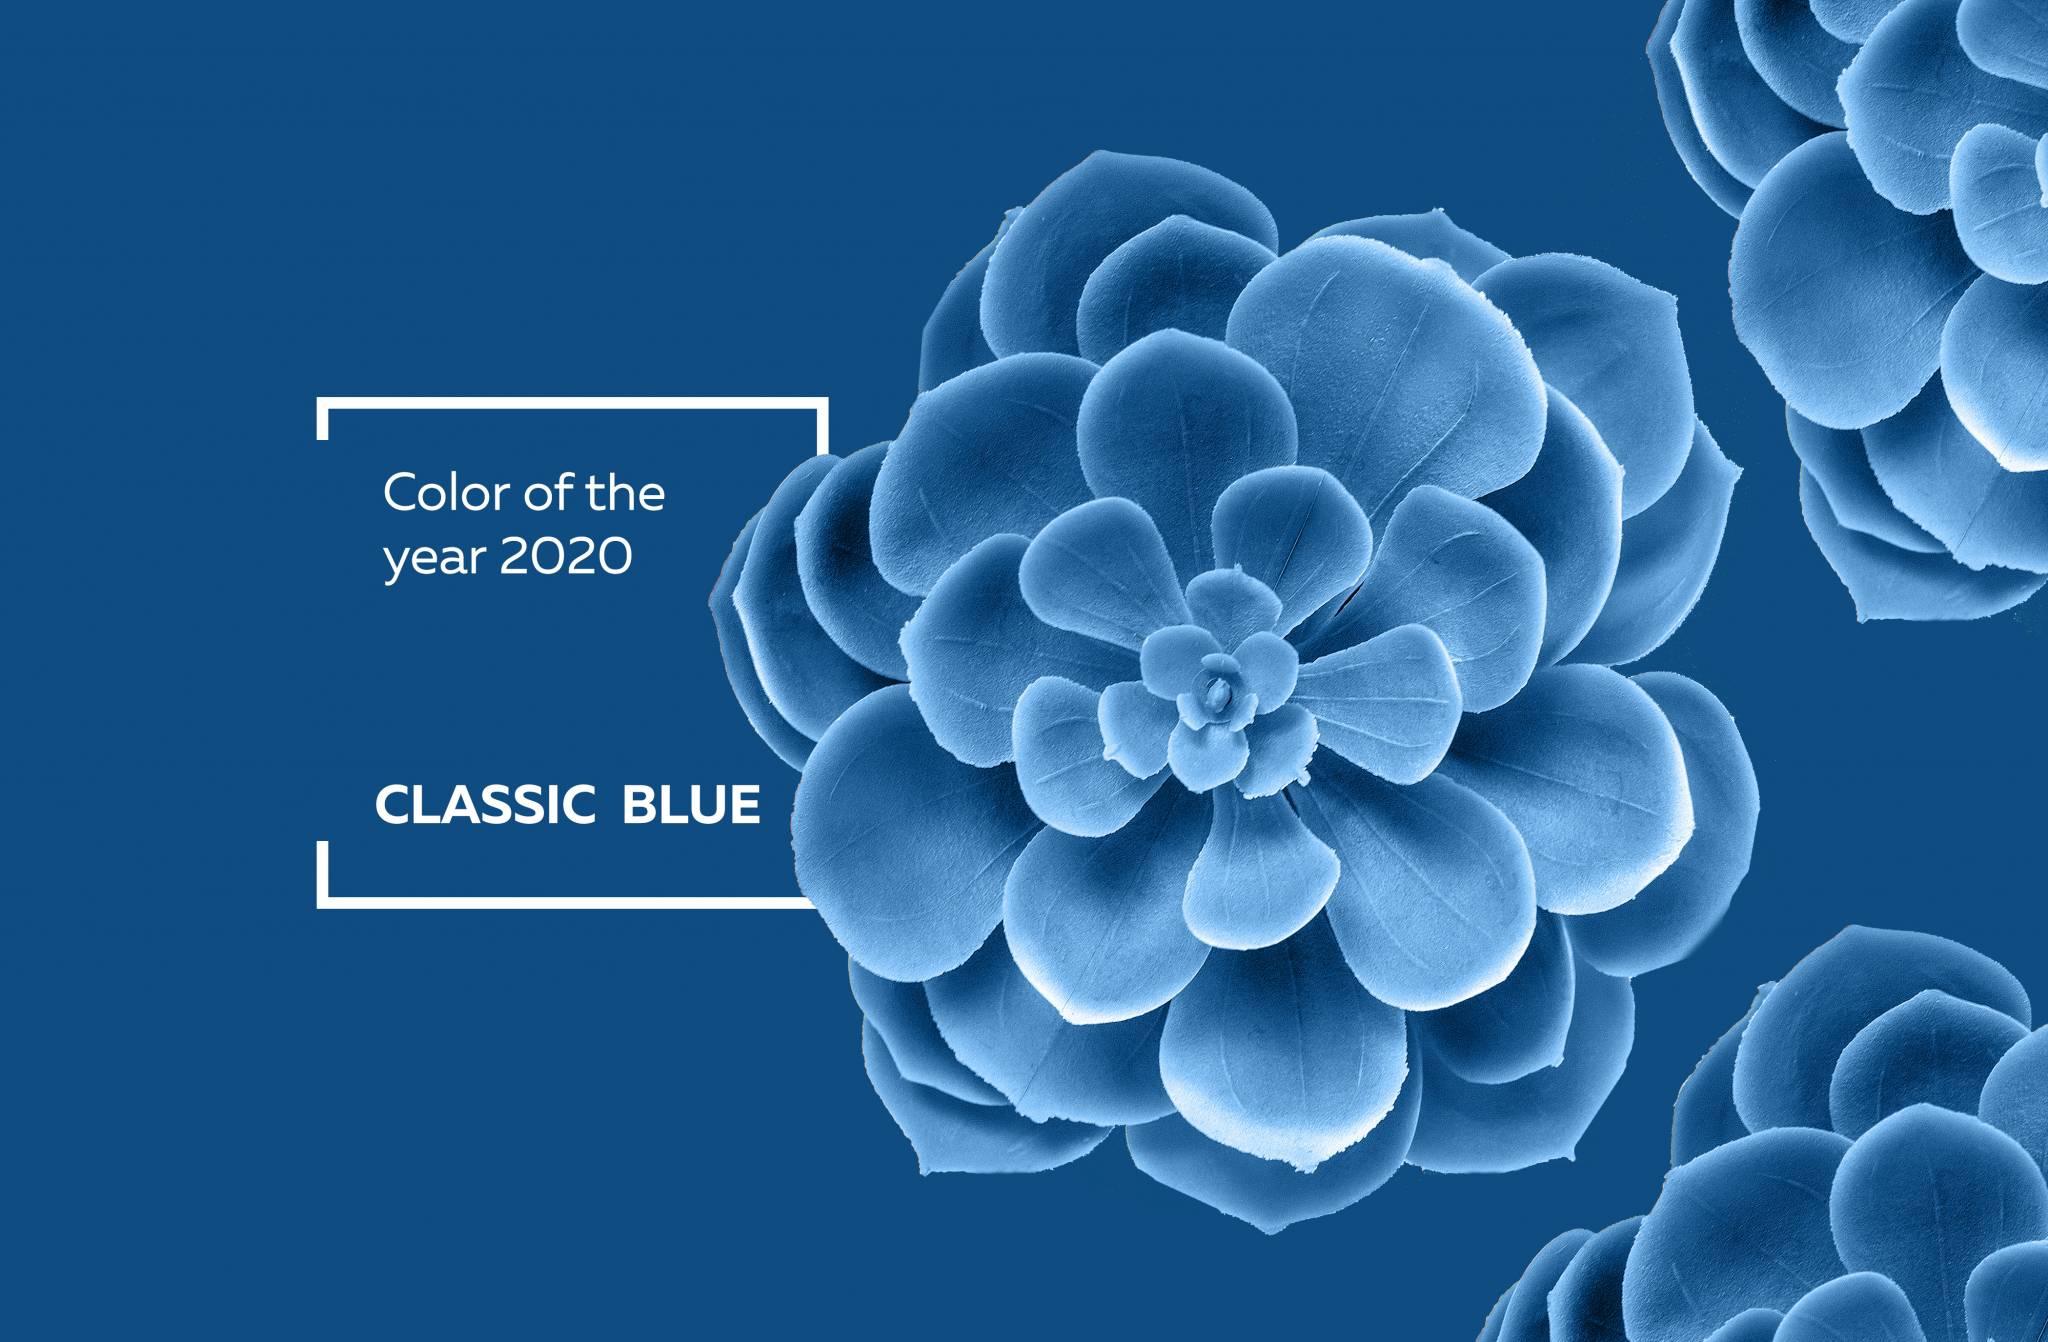 Couleur Pantone De L Année 2017 le «classic blue» pantone, couleur de l'année 2020, invite à